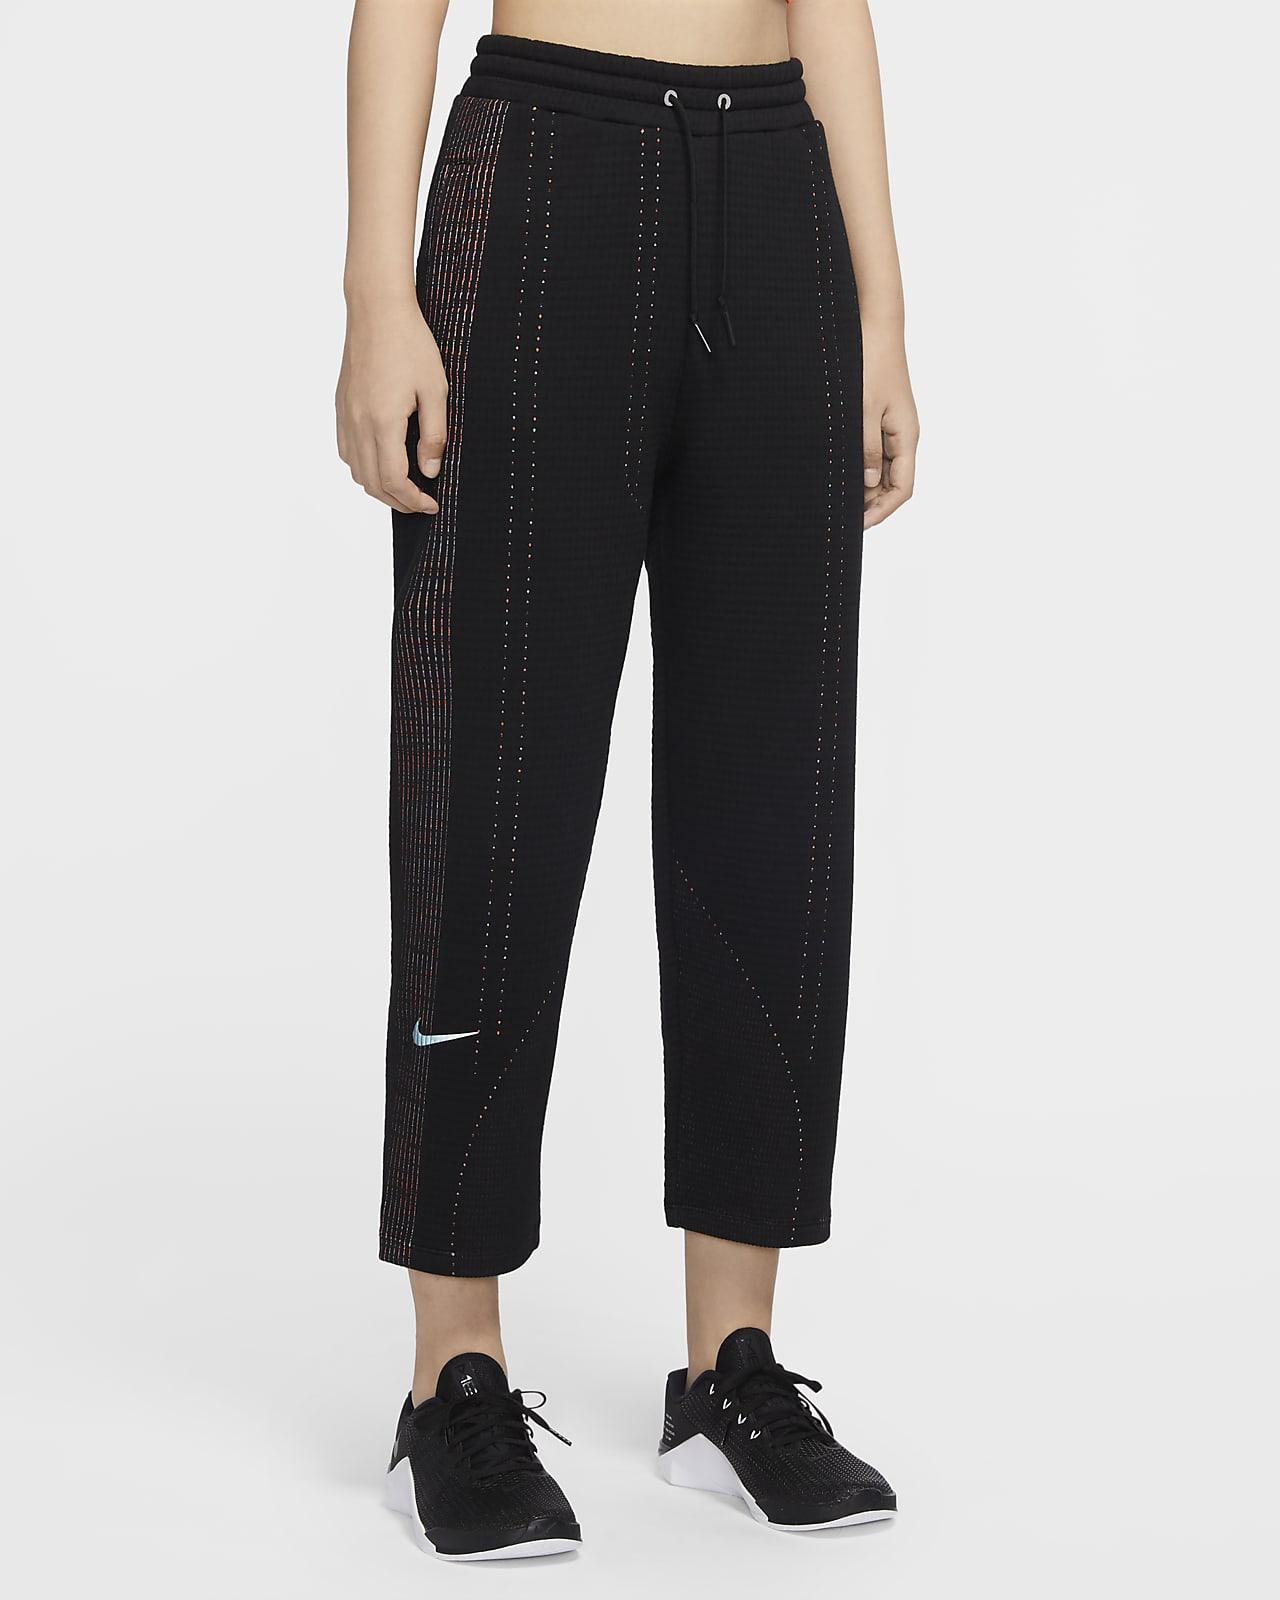 Pantaloni da training in fleece Nike City Ready - Donna